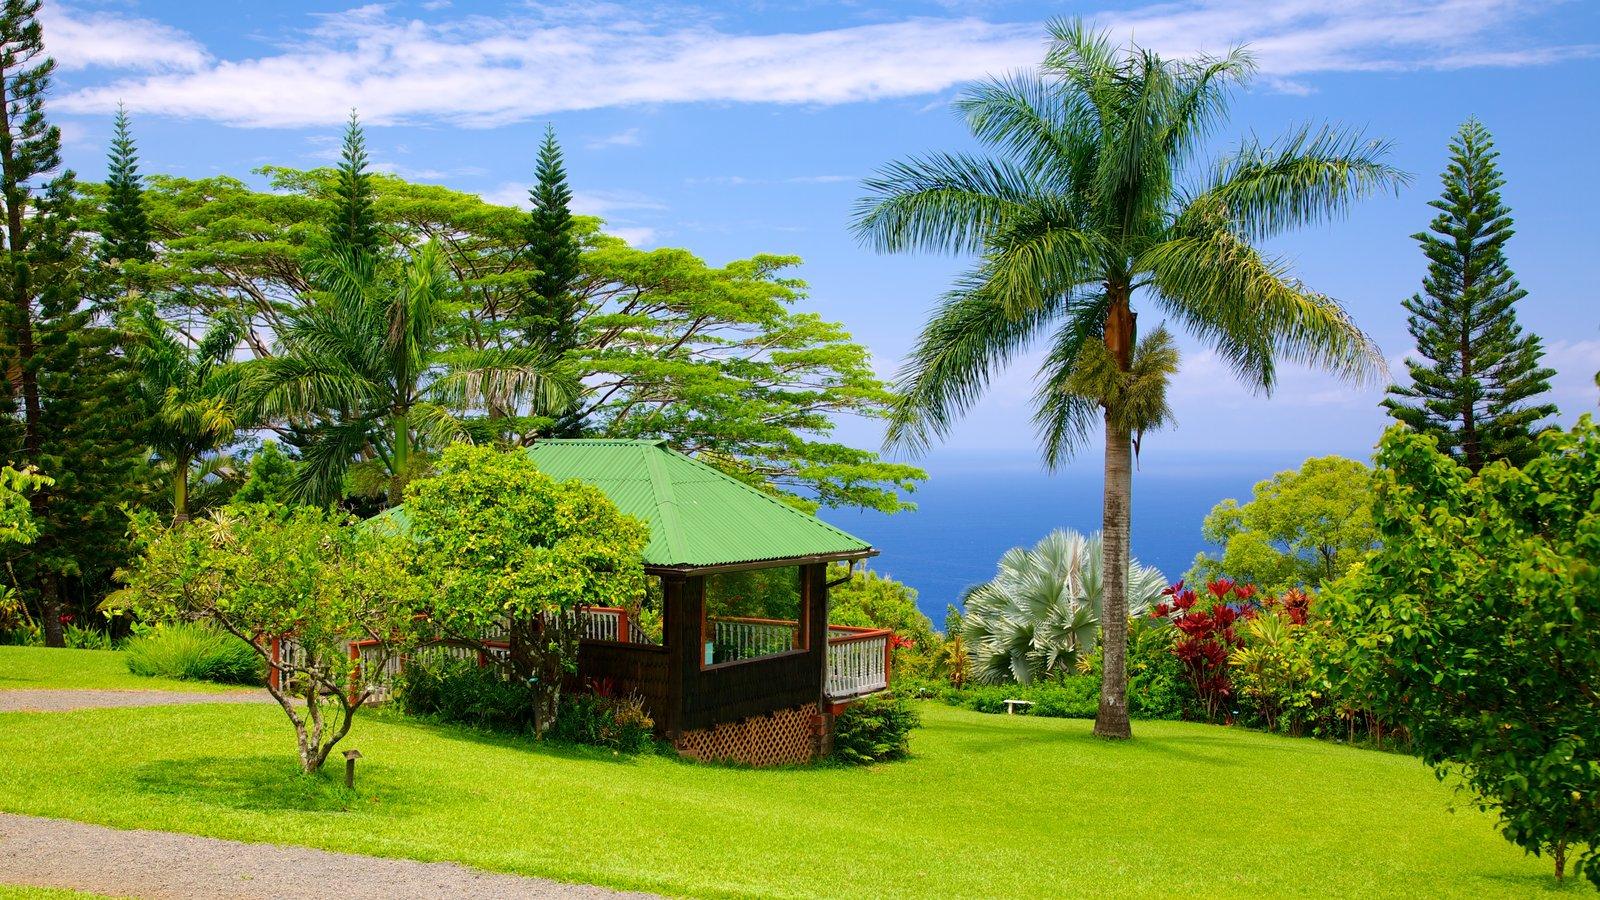 Isla de Maui que incluye escenas tropicales, un jardín y vistas de paisajes